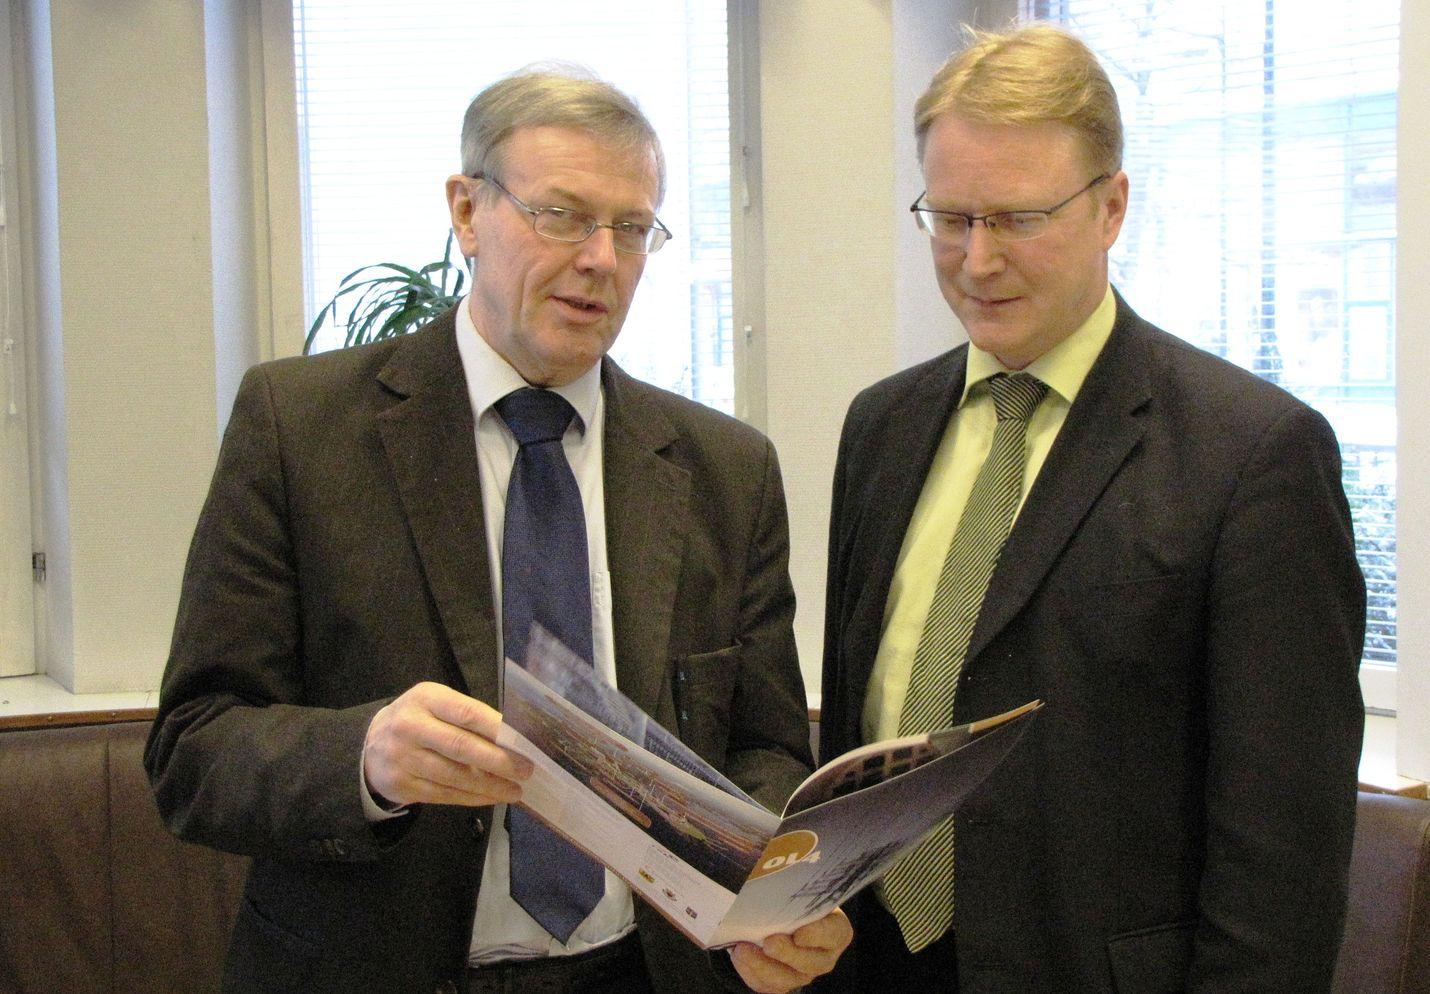 Rauman kauppakamarin toimitusjohtaja Jaakko Hirvonsalo (vas) ja Eurajoen kunnanjohtaja Harri Hiitiö lobbasivat OL4-hanketta vuonna 2009. Luvan TVO saikin, mutta se umpeutuu ensi viikolla.